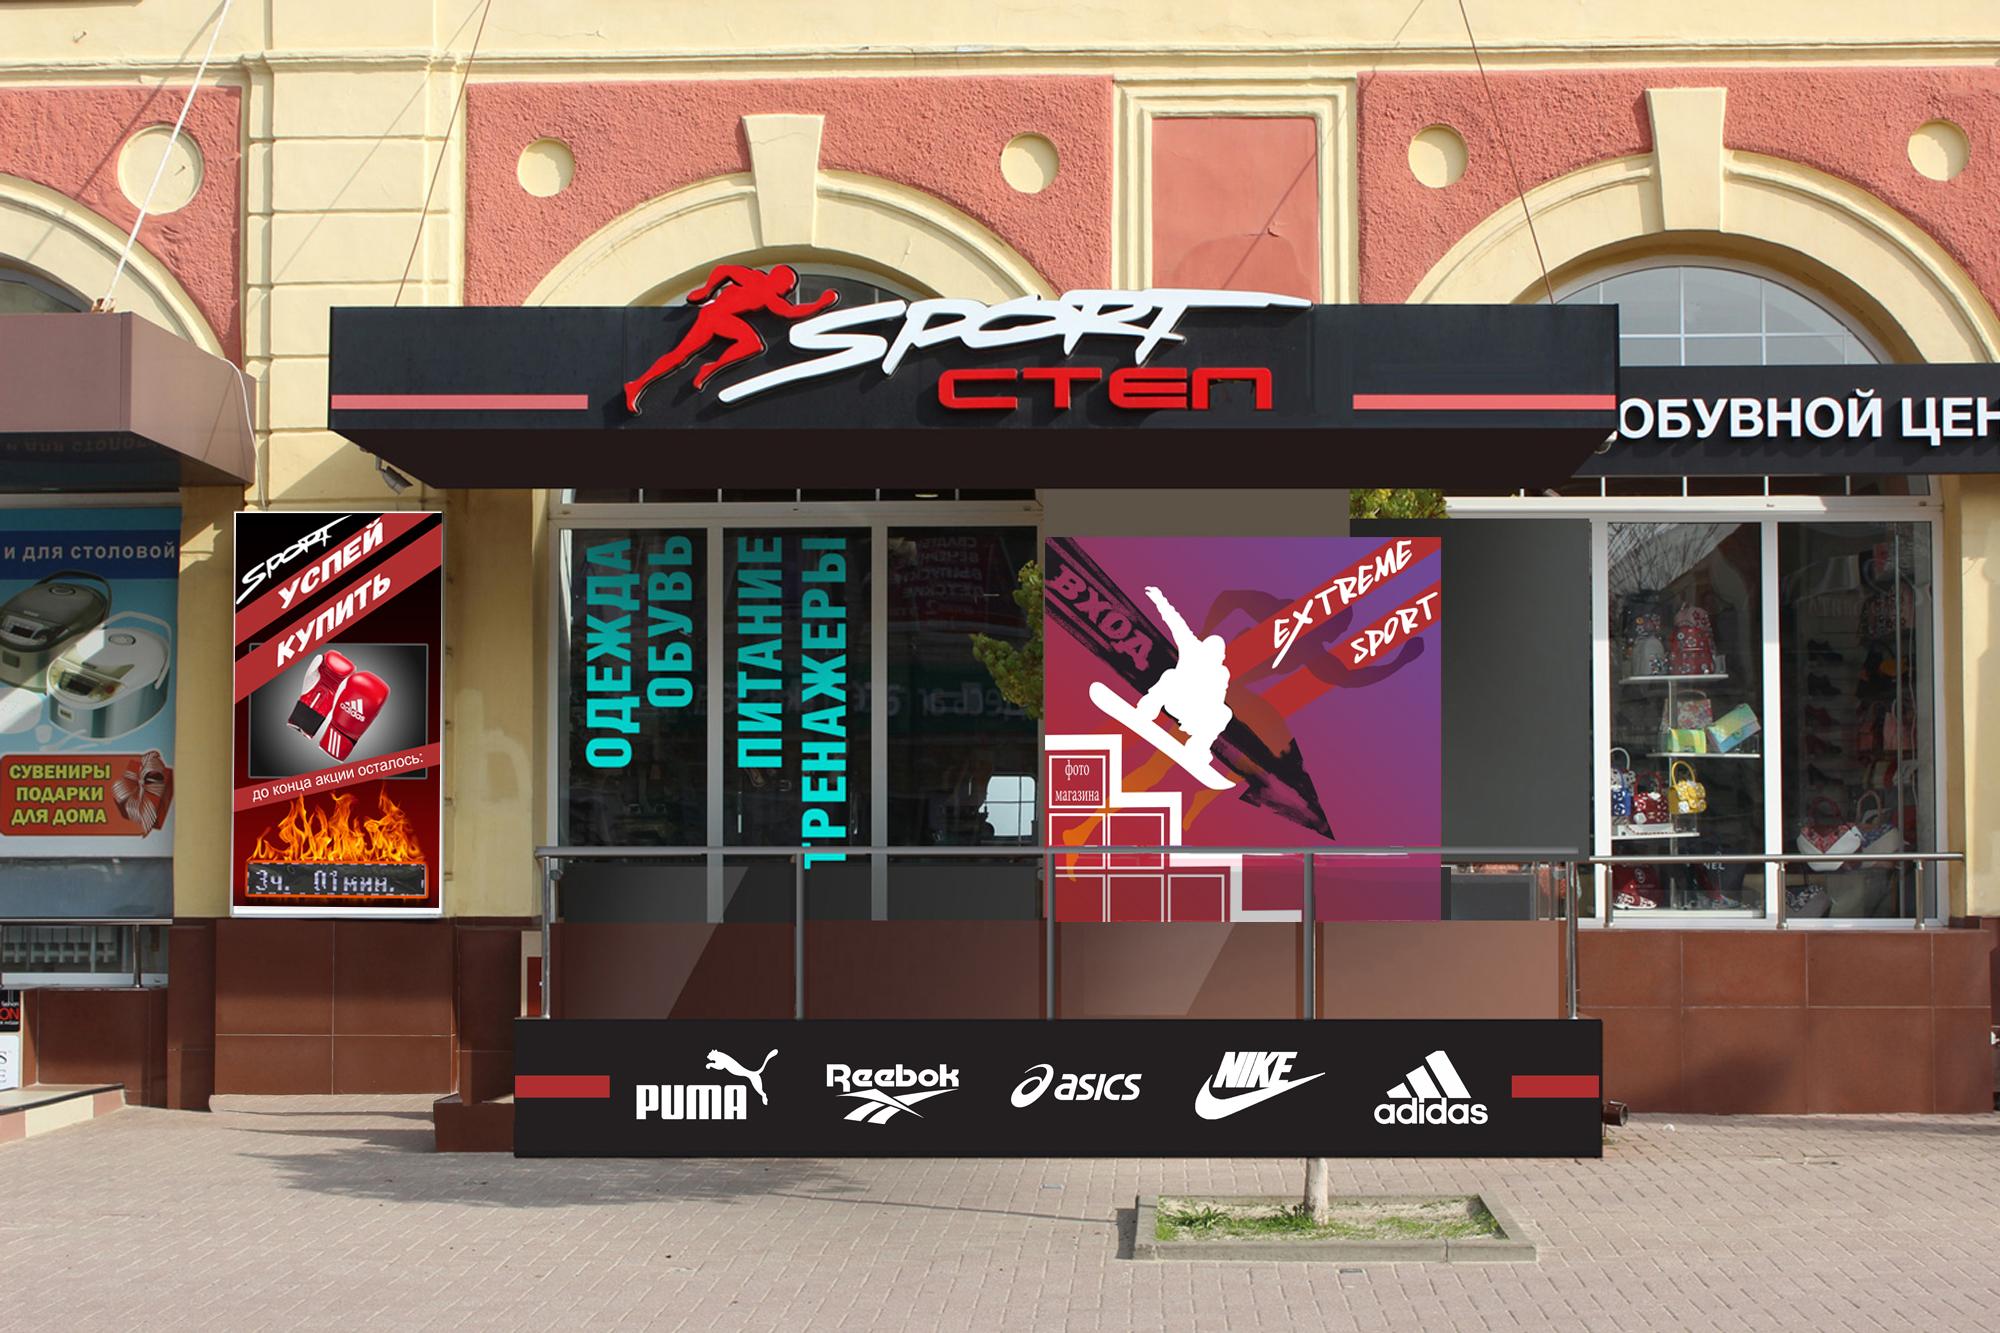 """Оформление фасада магазина спорт-товаров """"Спорт-Степ"""" фото f_884590765542e345.jpg"""